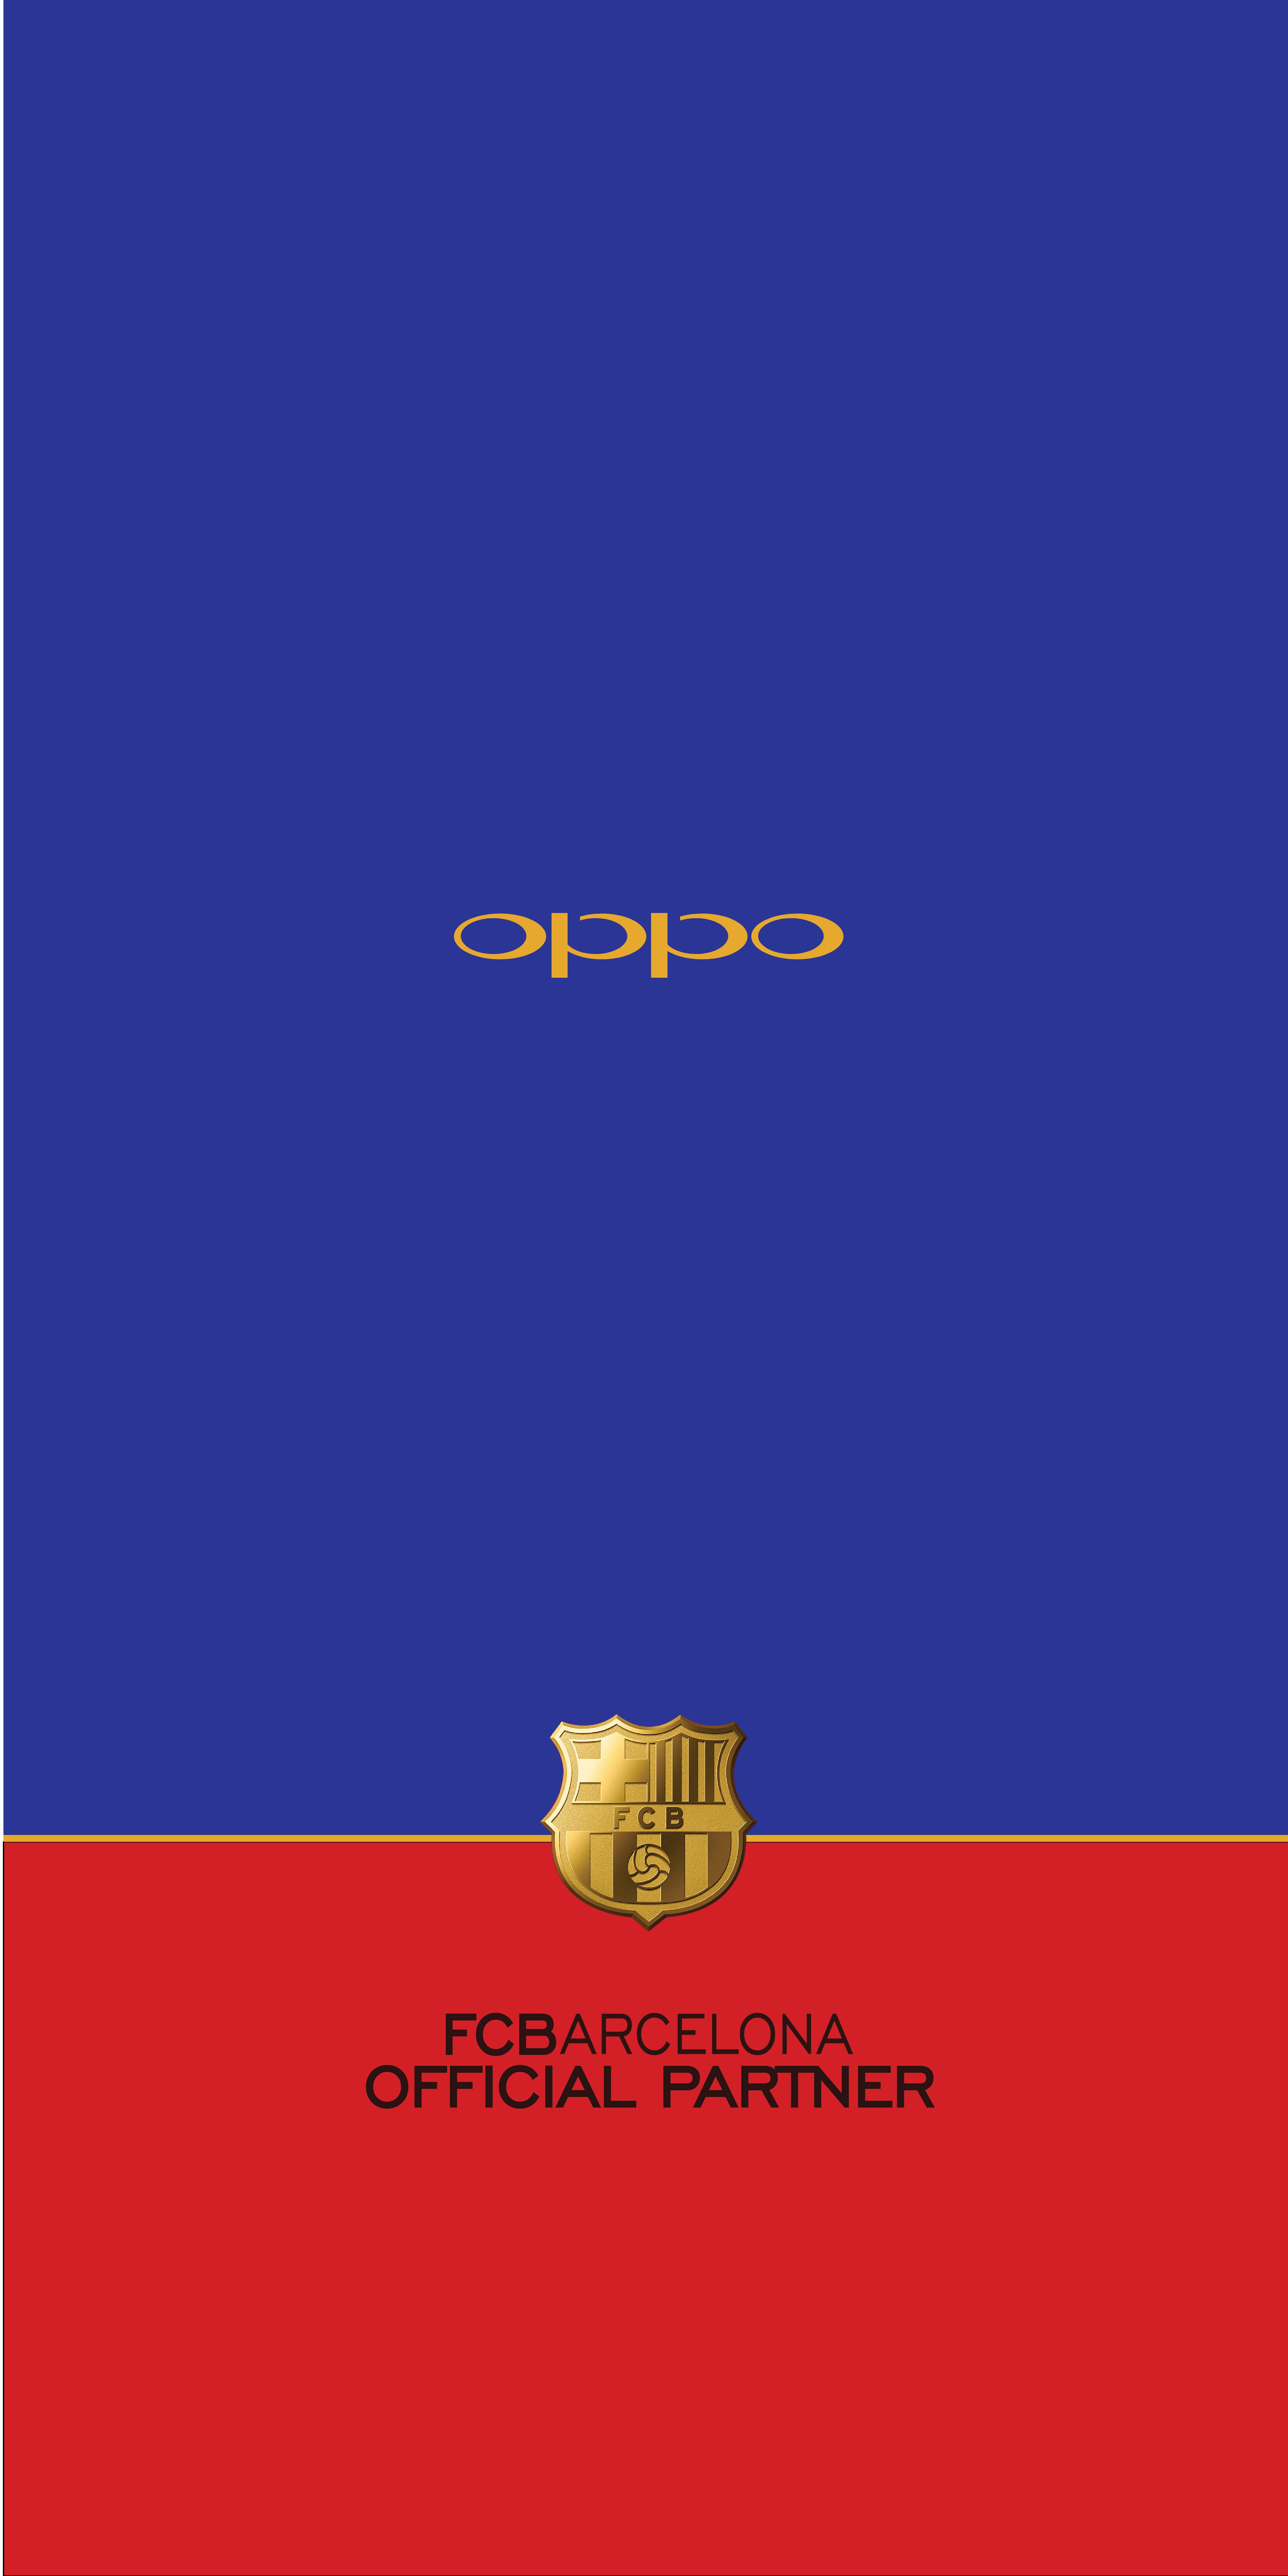 Black Oppo Logo Wallpaper Oppo Product